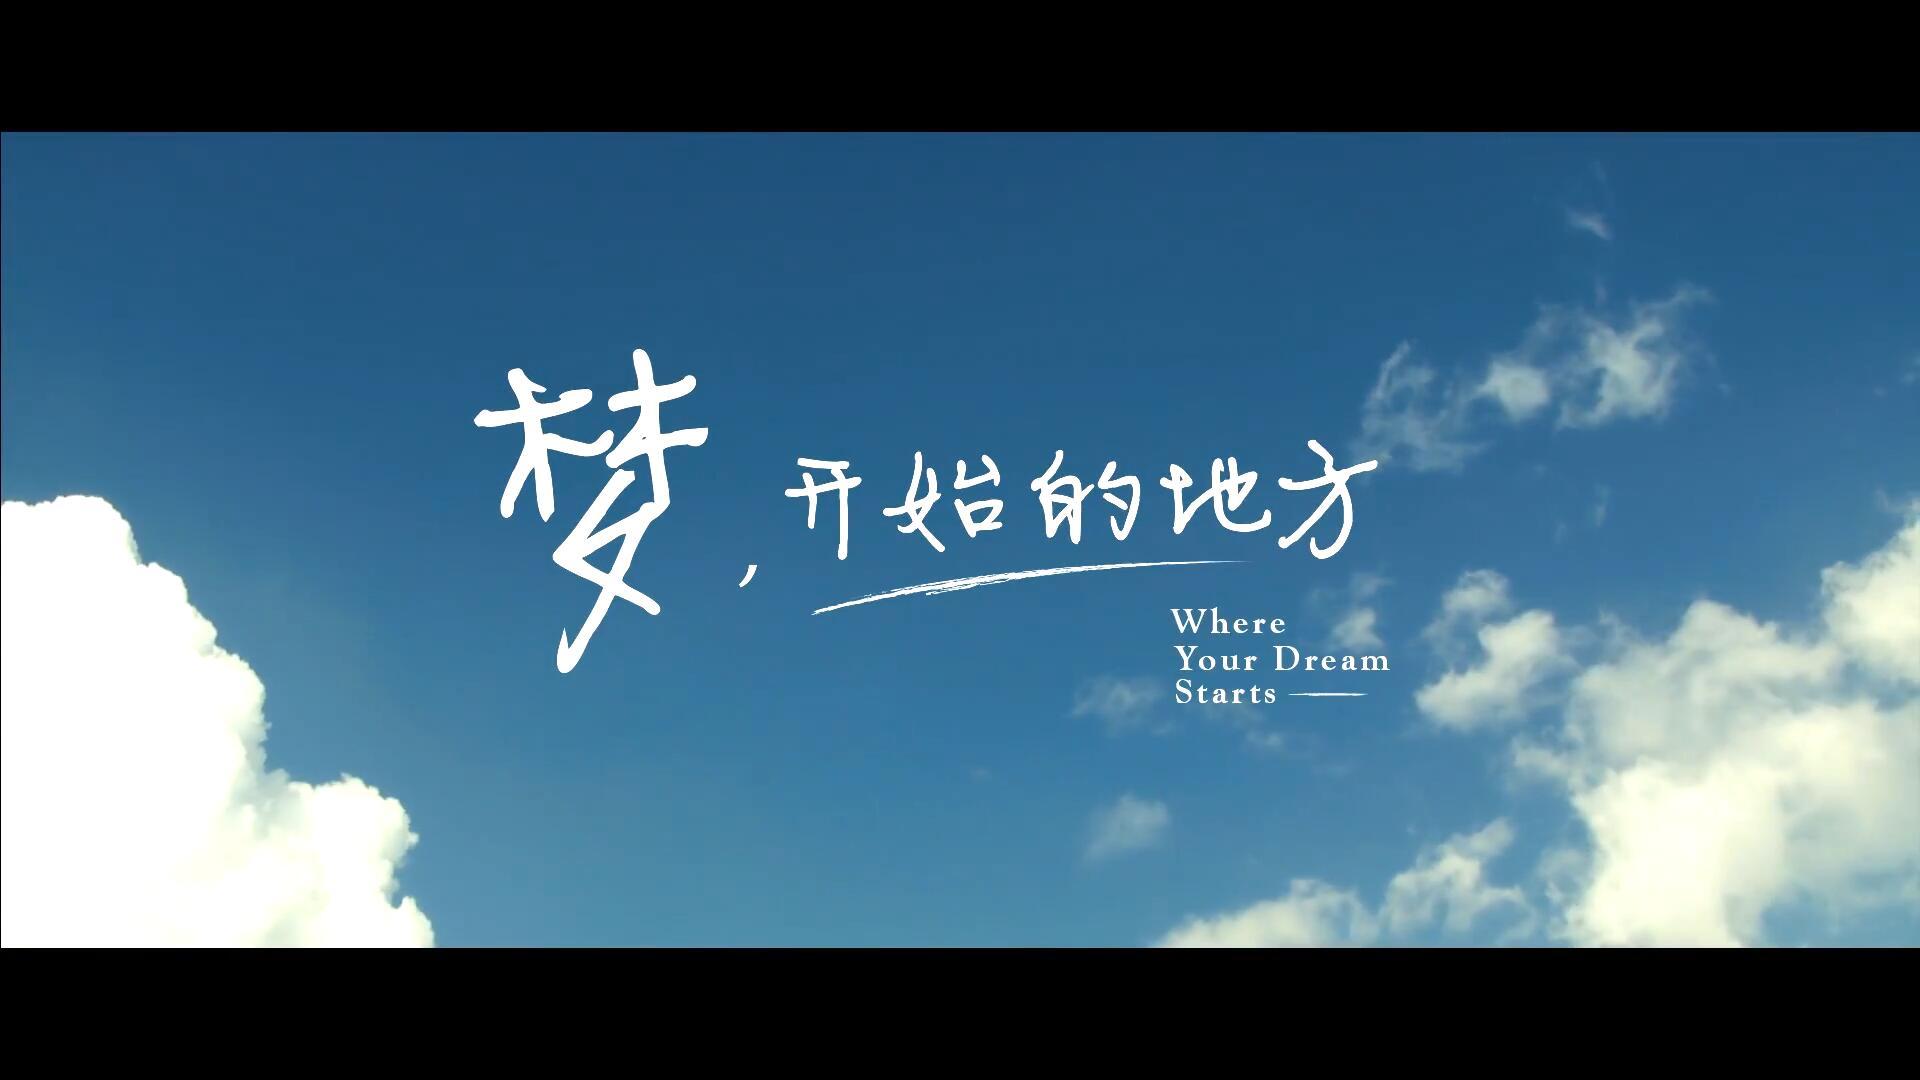 《梦开始的地方》深圳大学宣传片